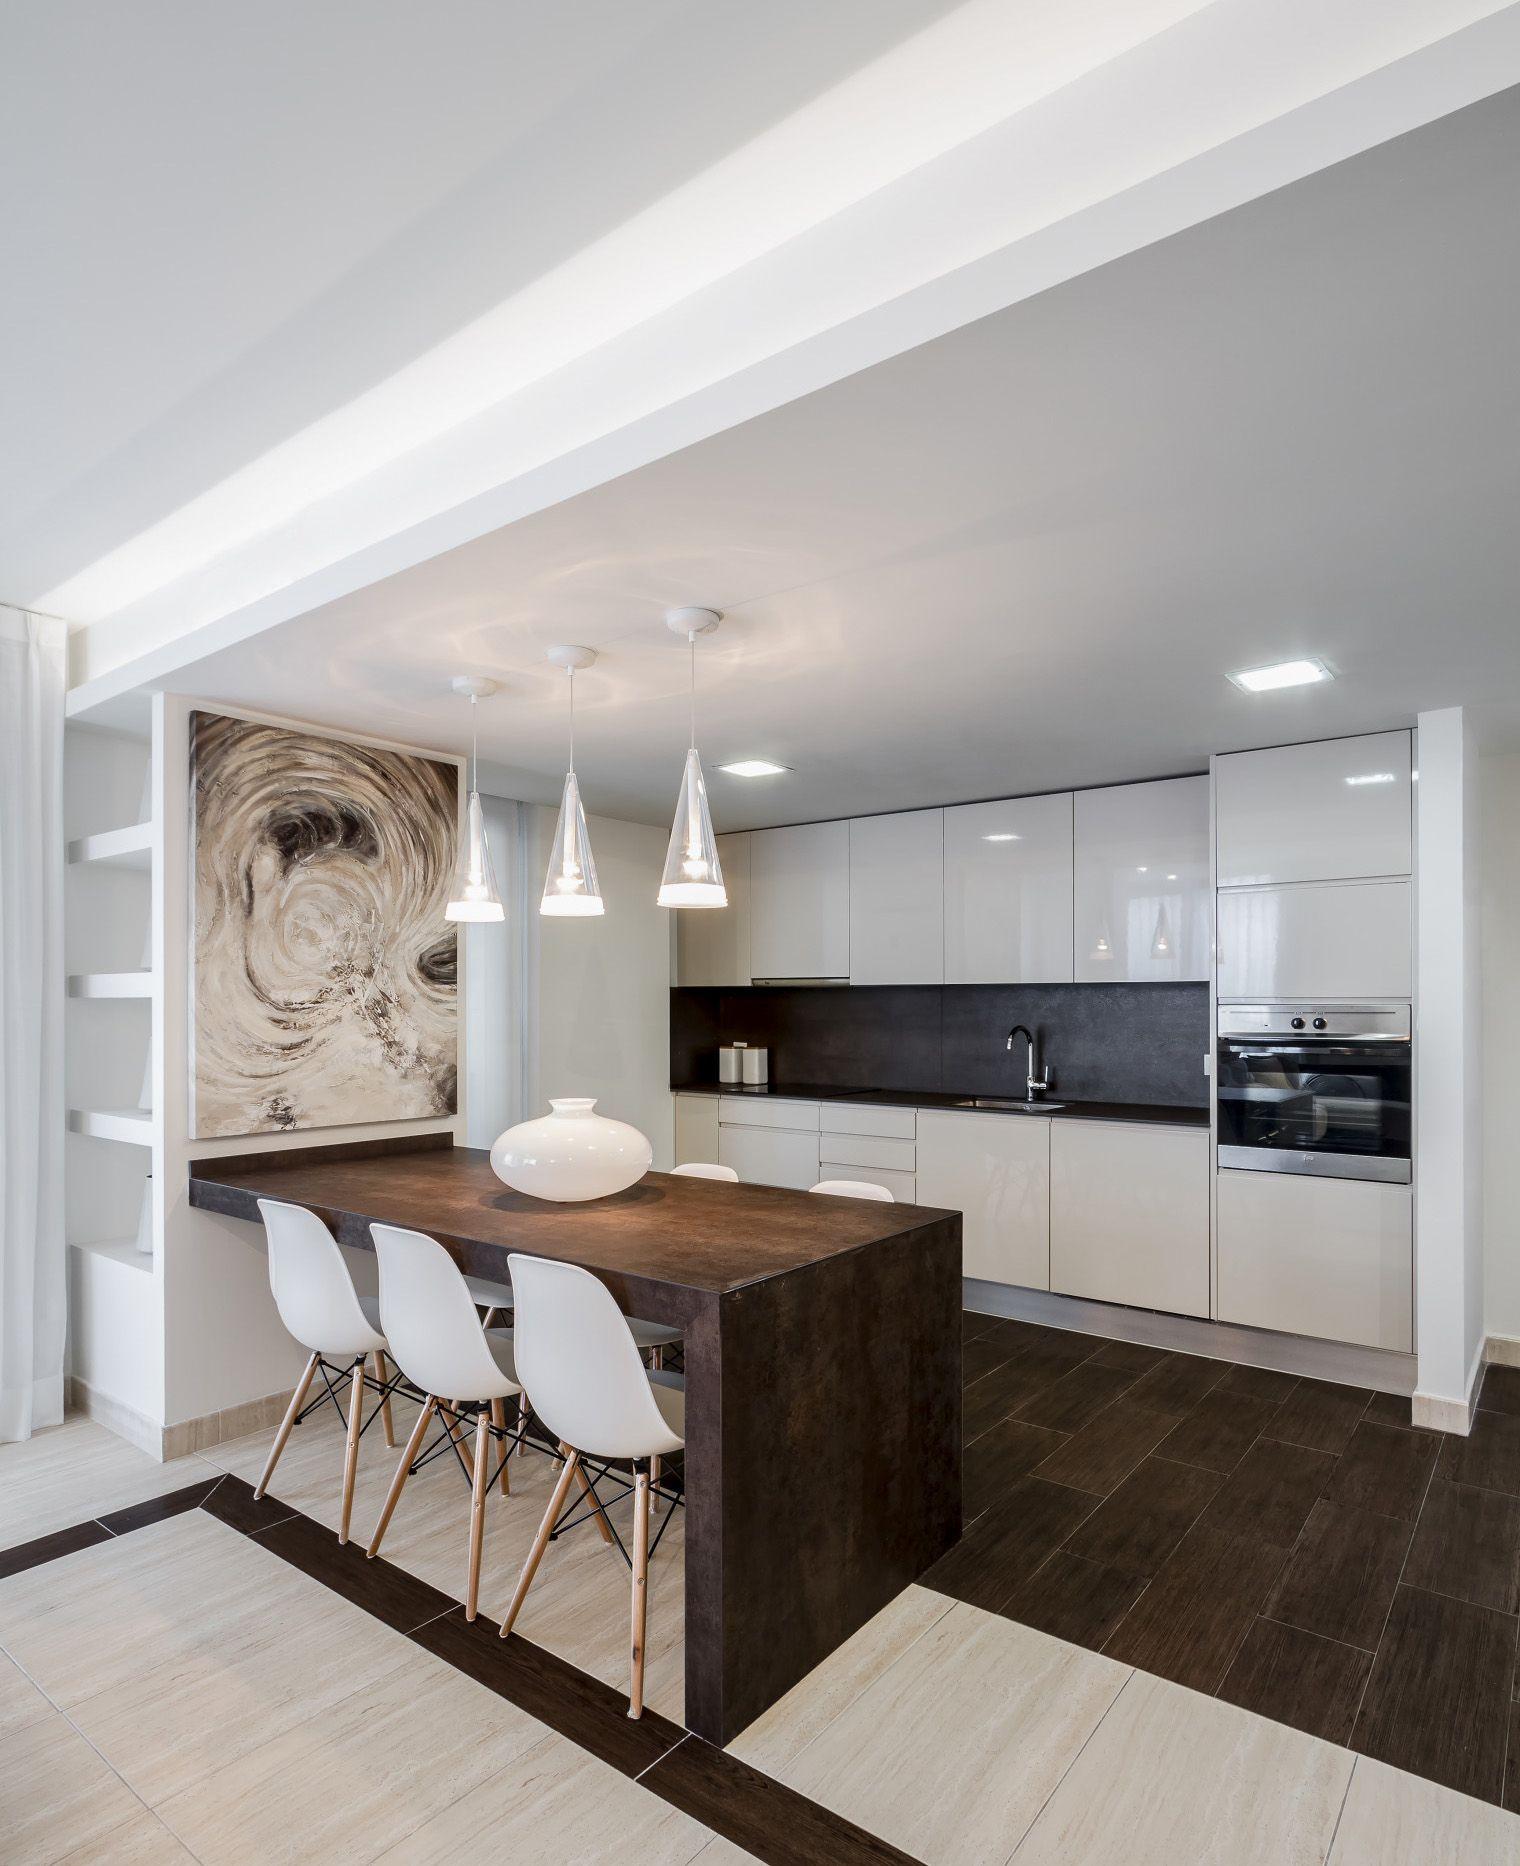 Cocina abierta al salón con mesa adosada a la pared | Cocinas ...